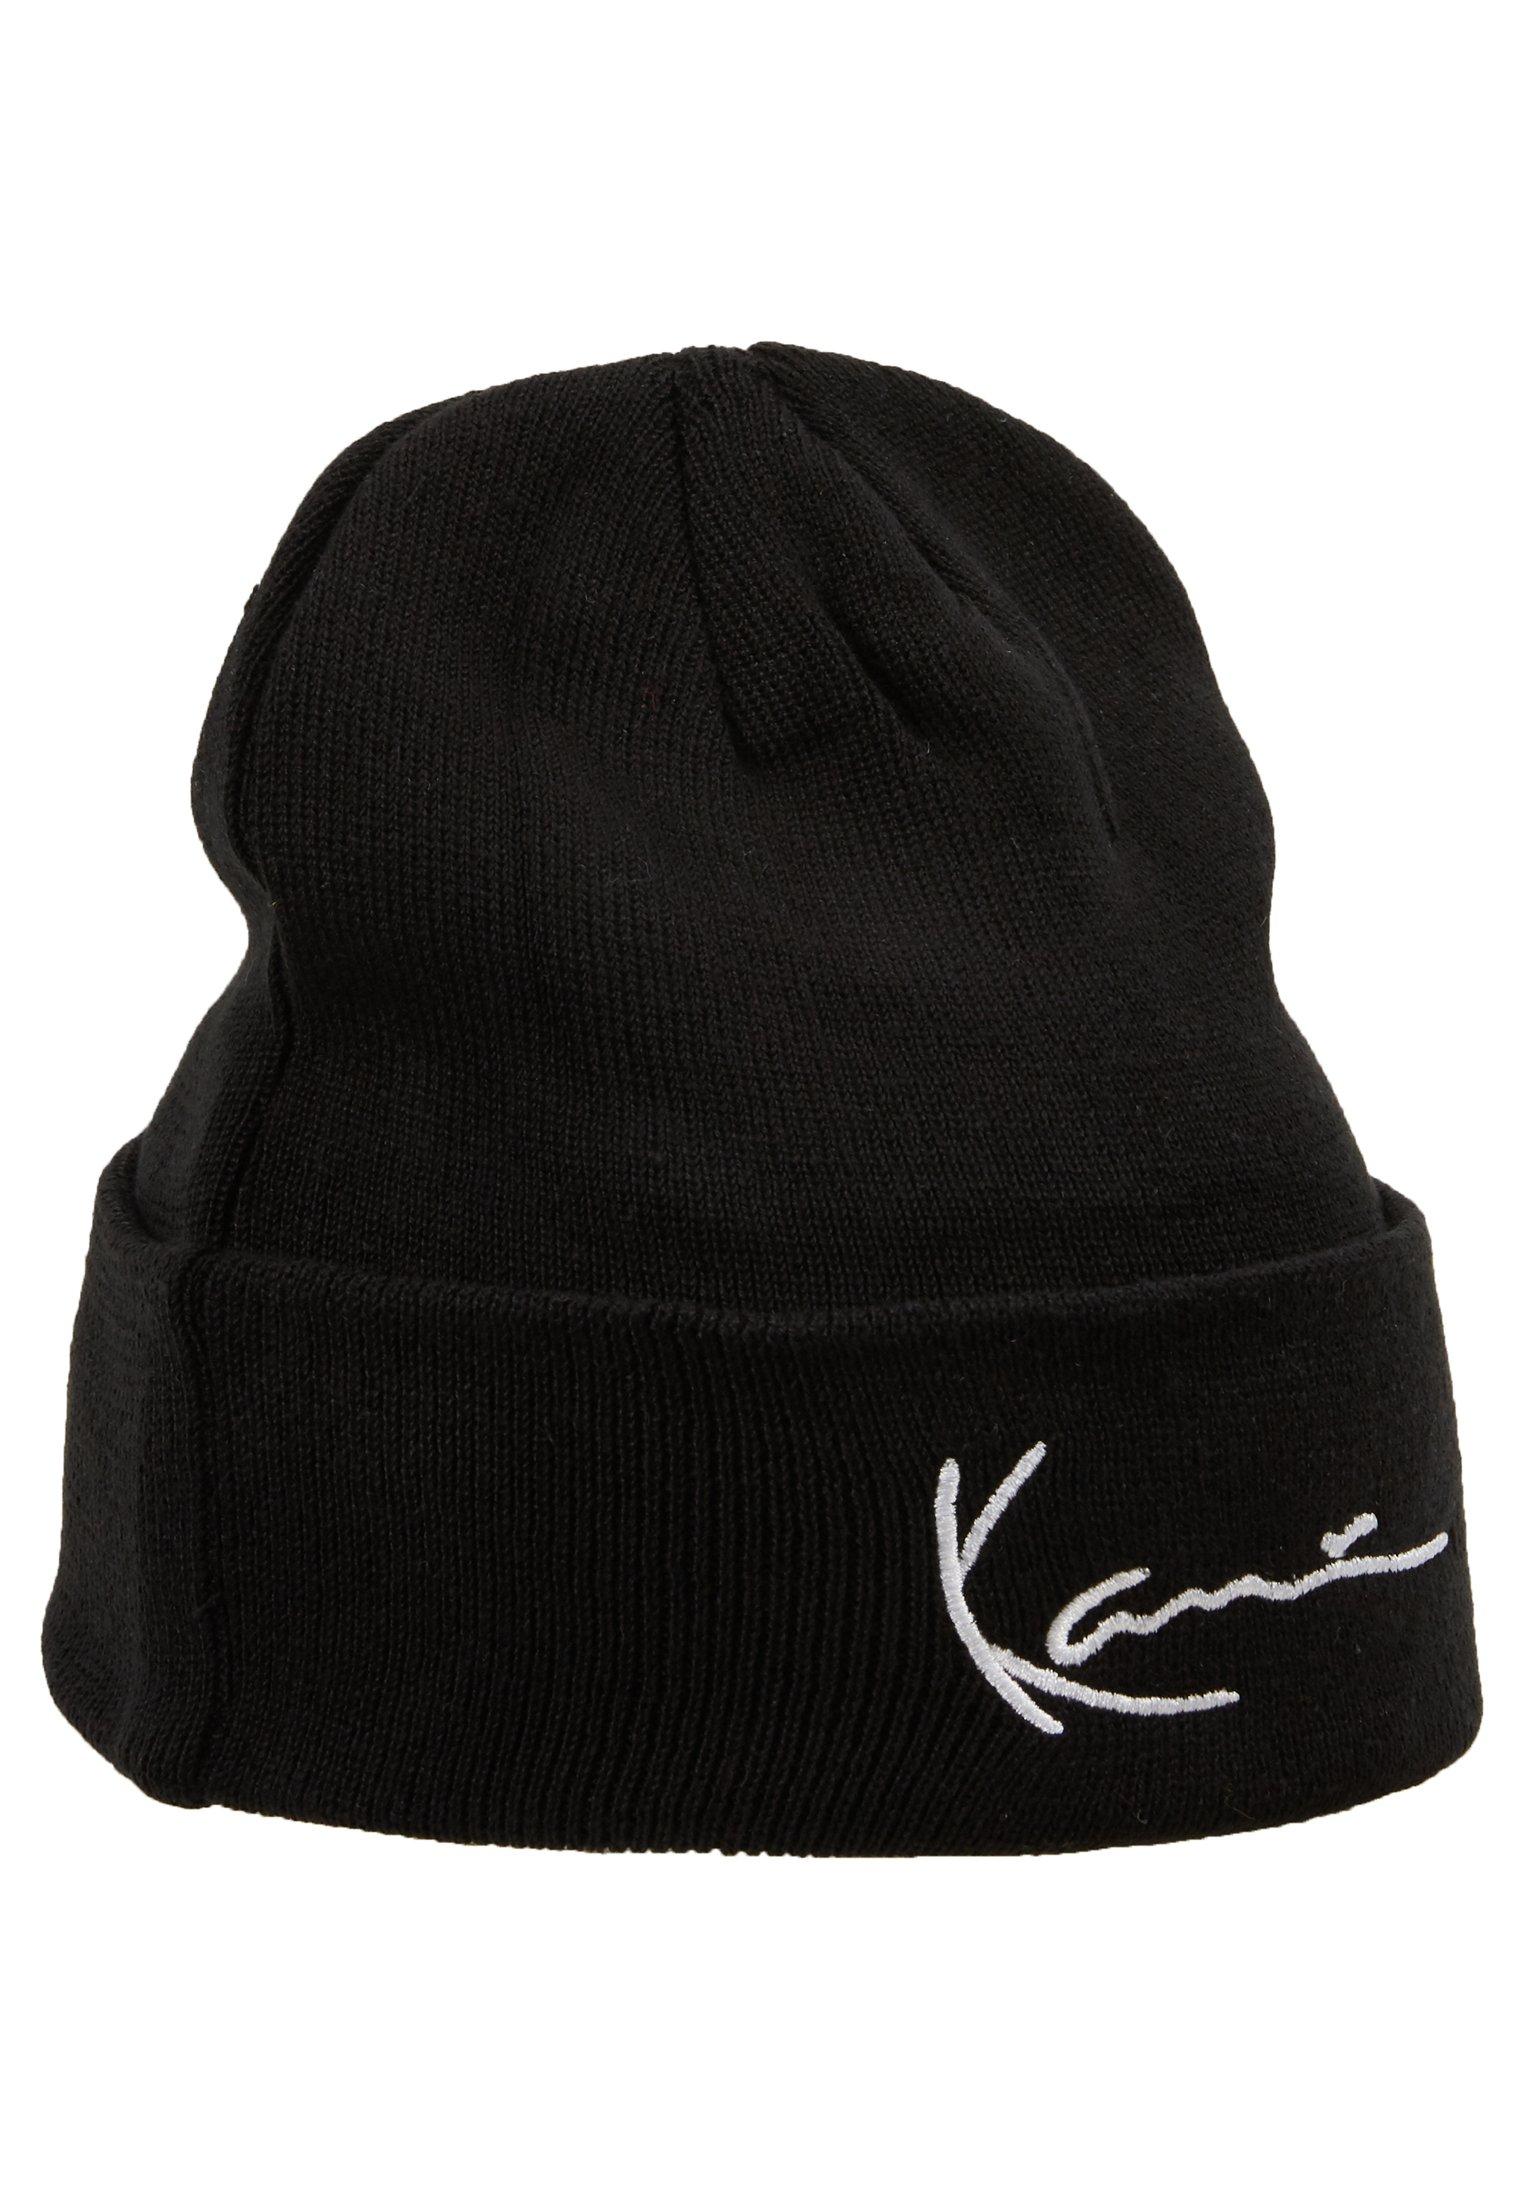 Karl Kani Signature Beanie - Mütze Black/schwarz